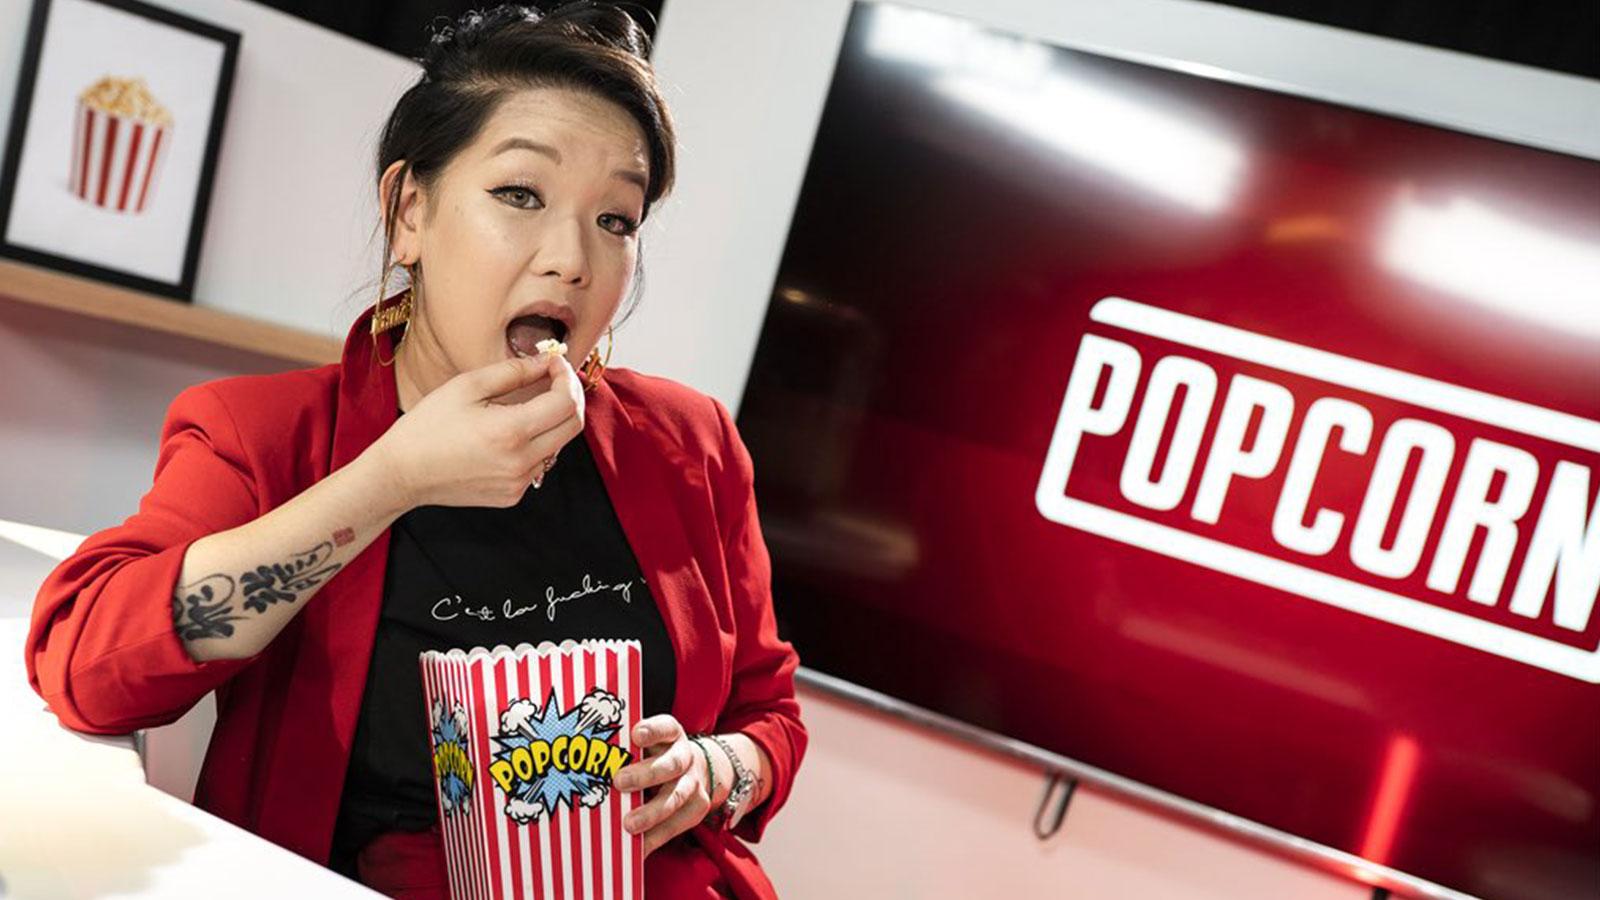 Marie Palot ne pourra assurer la prochaine édition de Popcorn